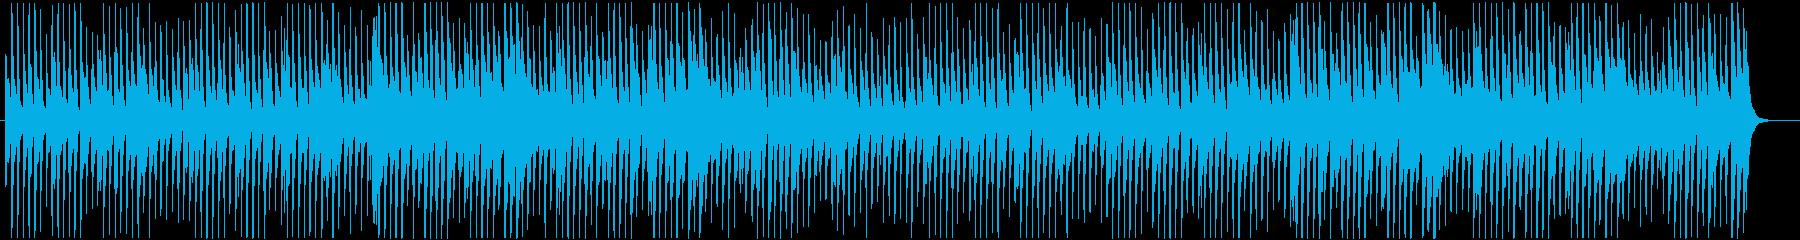 軽快で可愛い雰囲気のピアノ主体のポップスの再生済みの波形